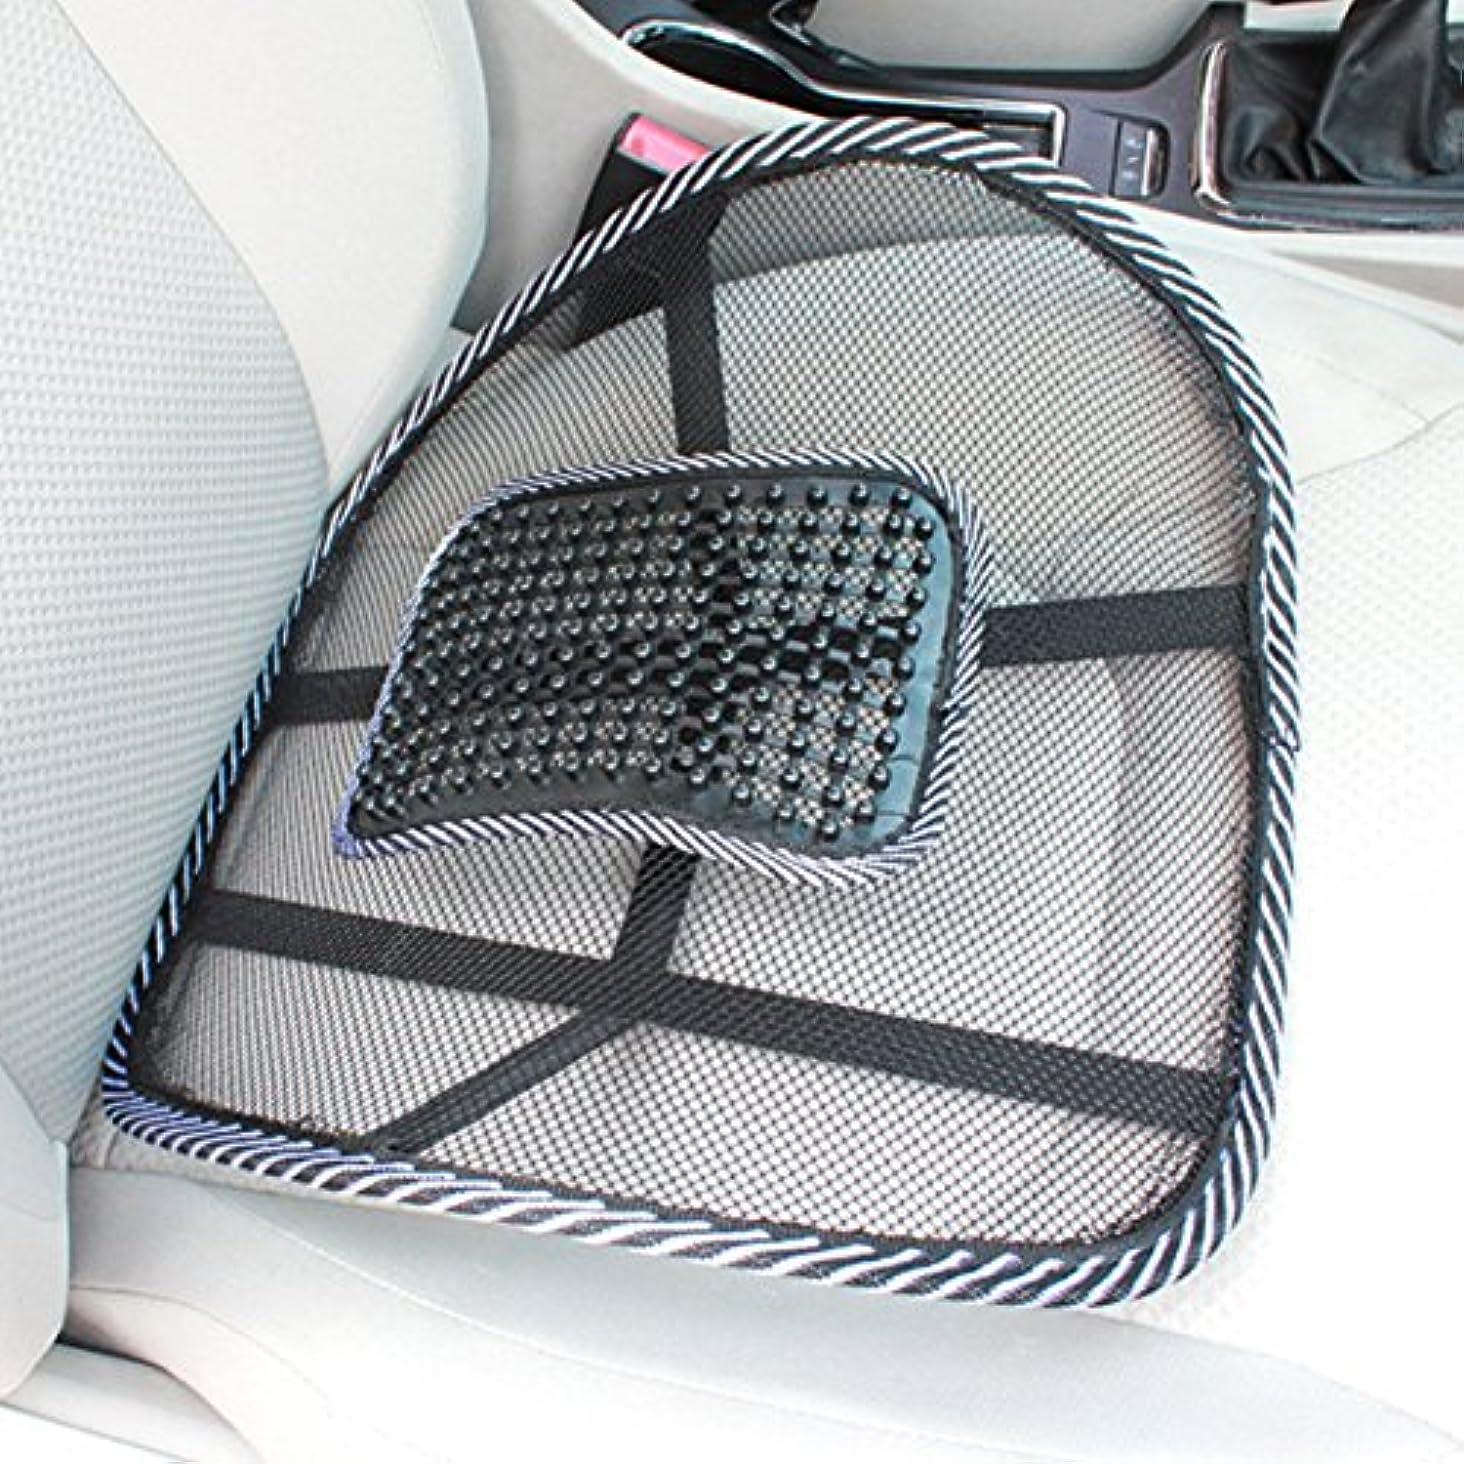 シードタンクバケツ椅子のマッサージバック腰椎サポートメッシュ換気クッションパッド車のオフィスの座席車、オフィス、または自宅の座席のマッサージでリラックスサポート